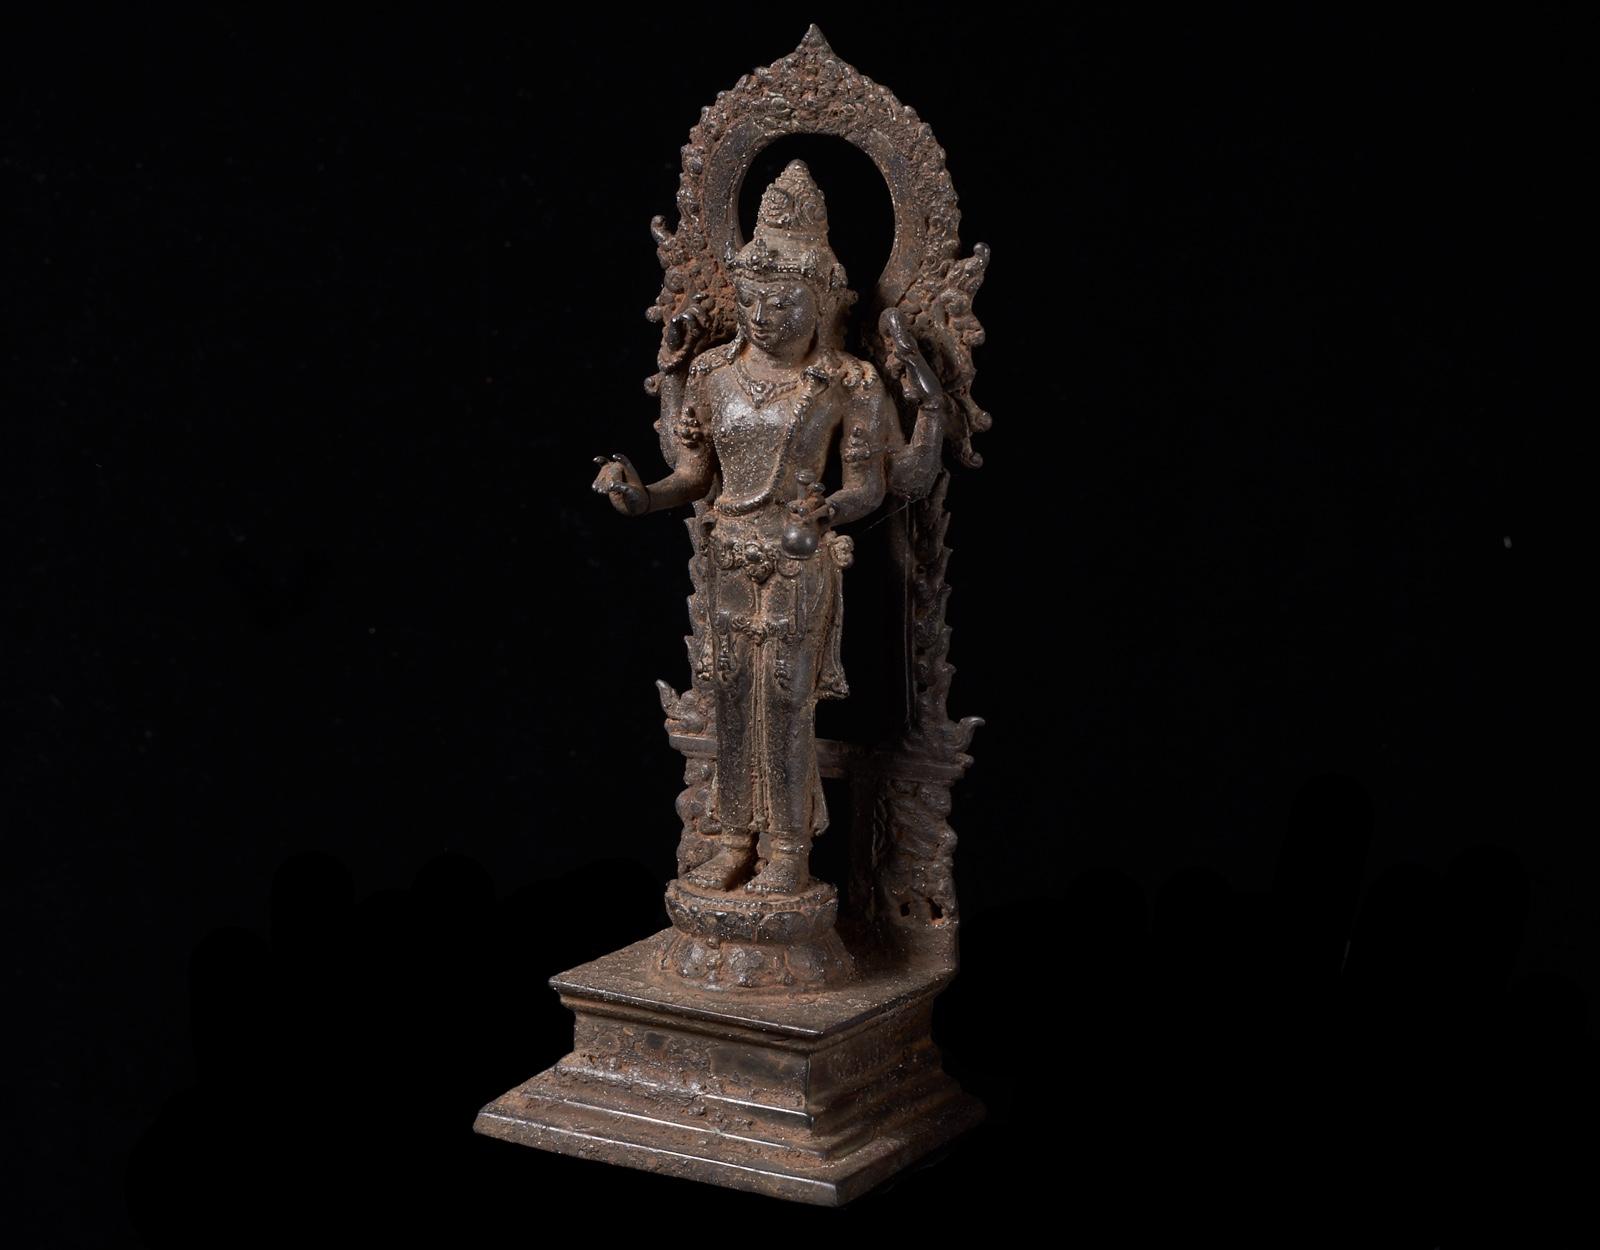 Алтарная бронзовая статуя бога Шива. фото VipKeris